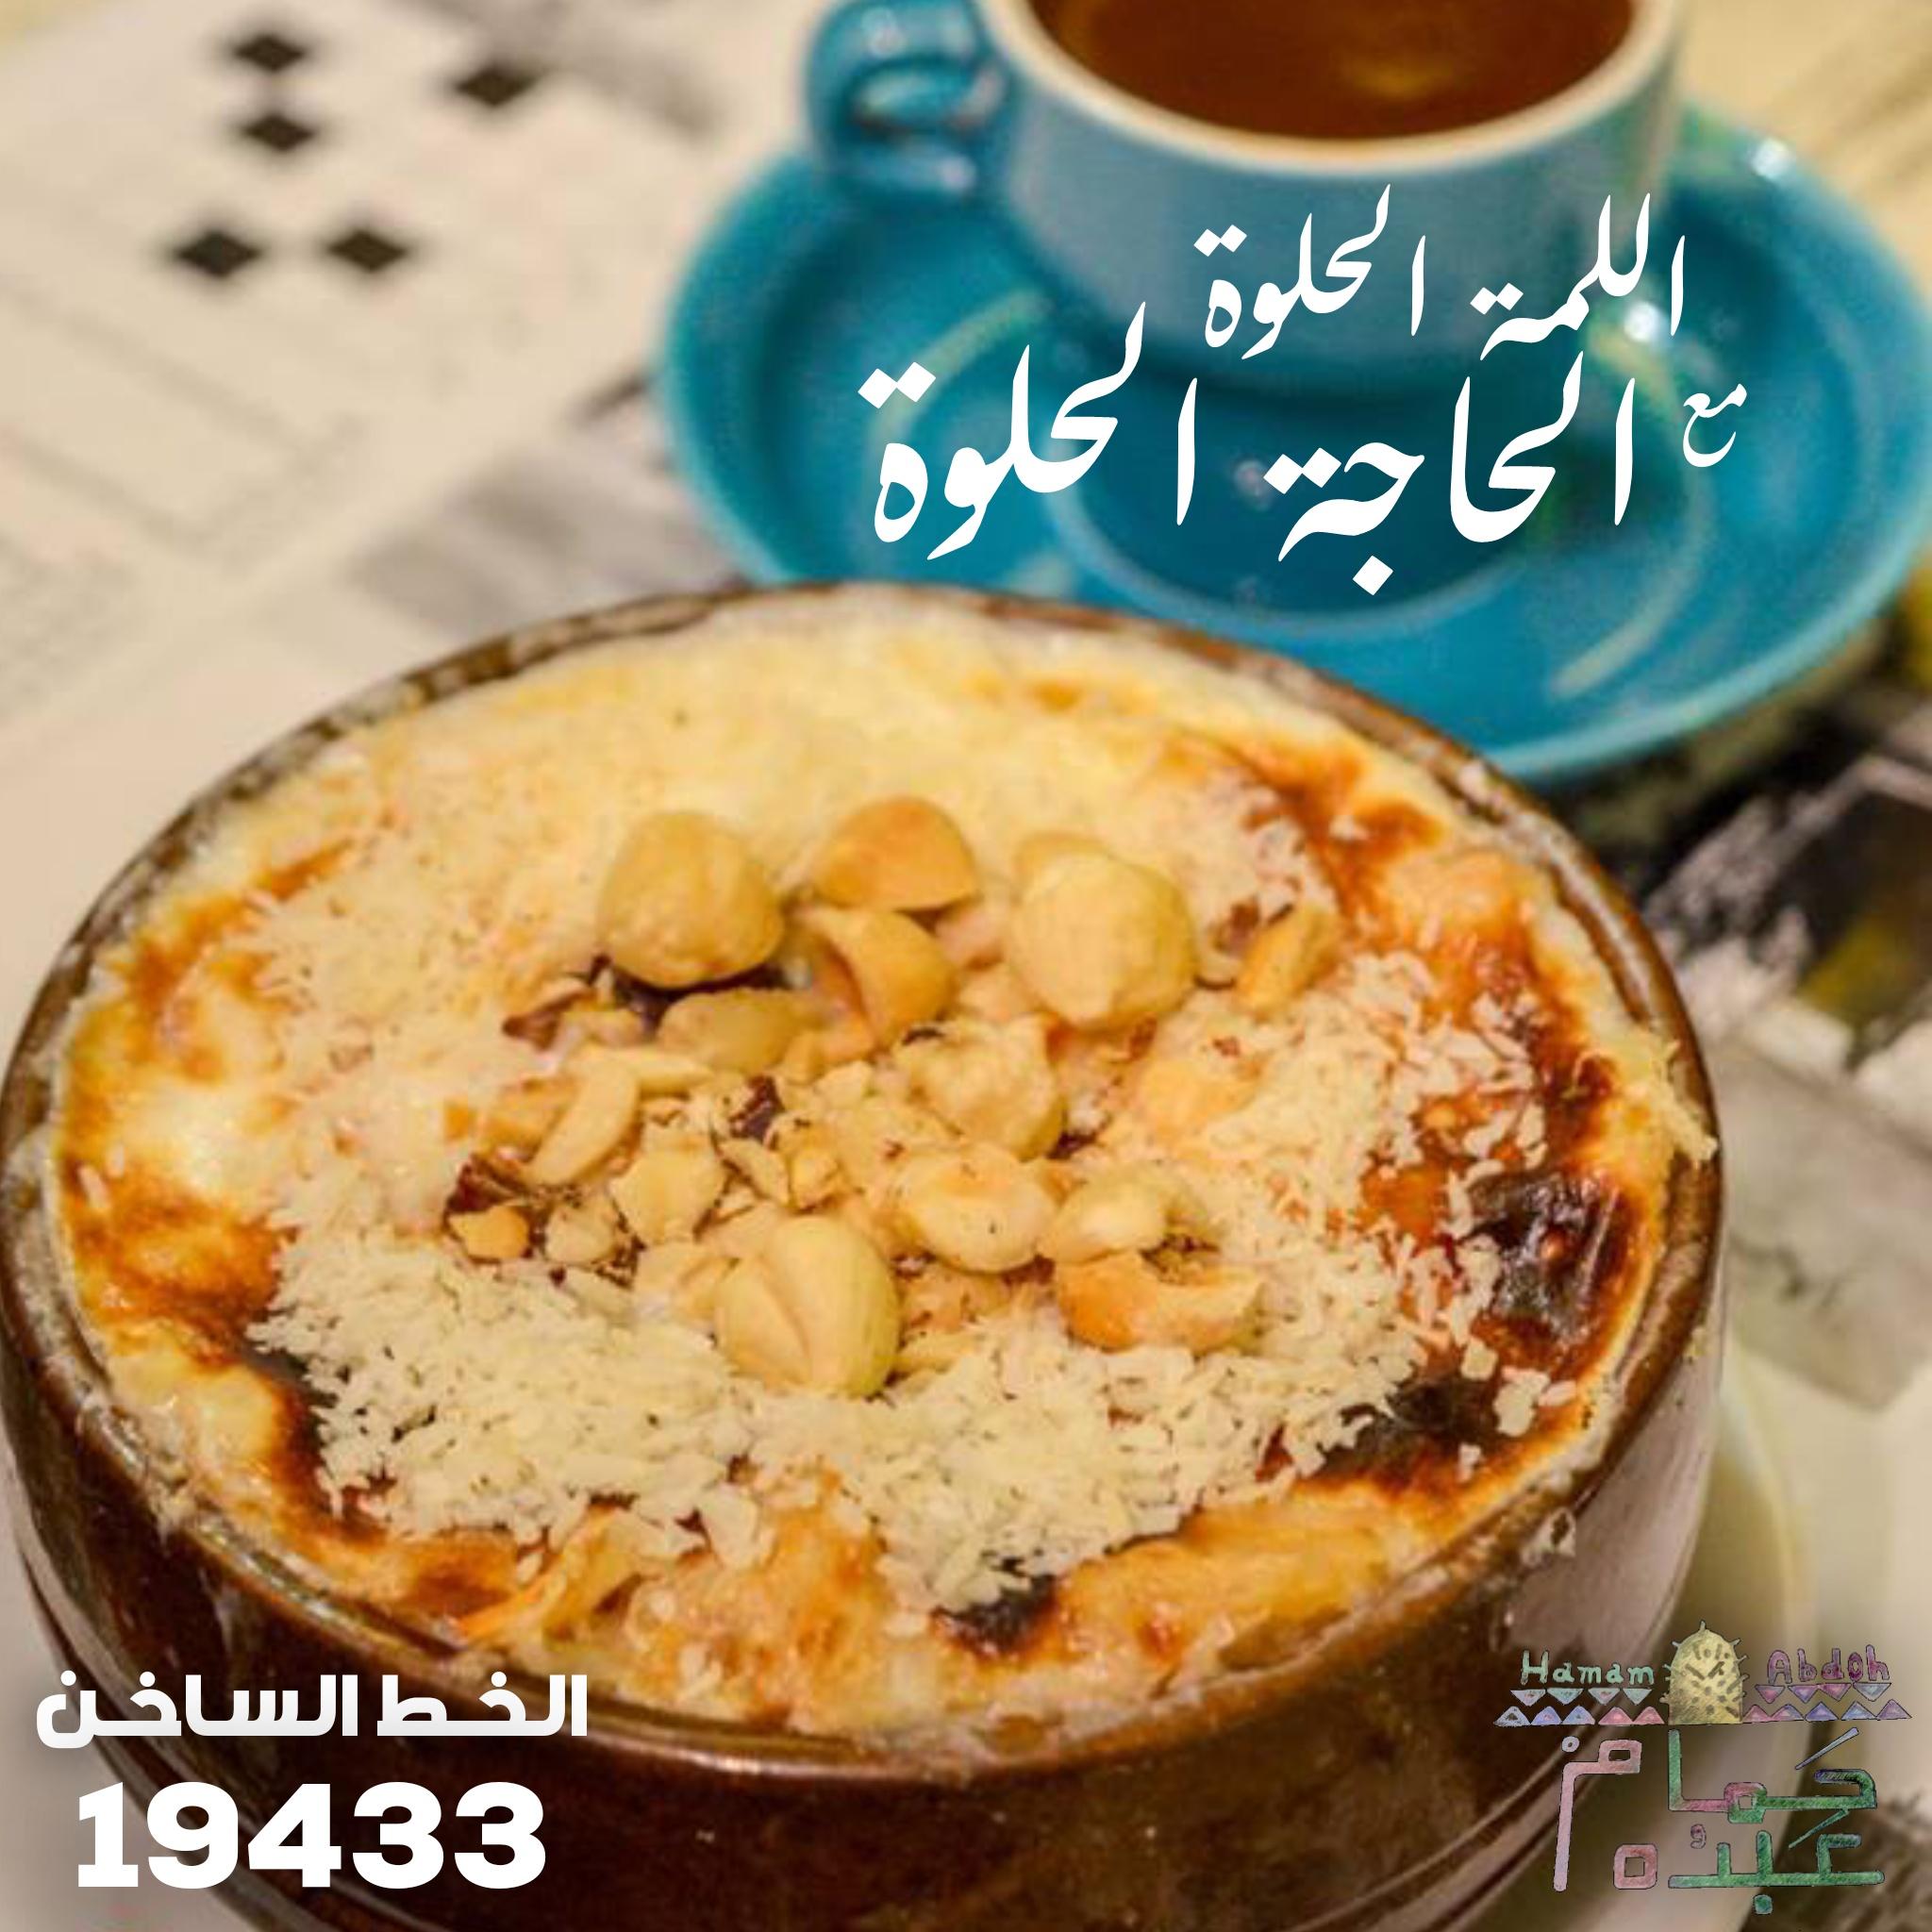 عناوين فروع مطاعم حمام عبده